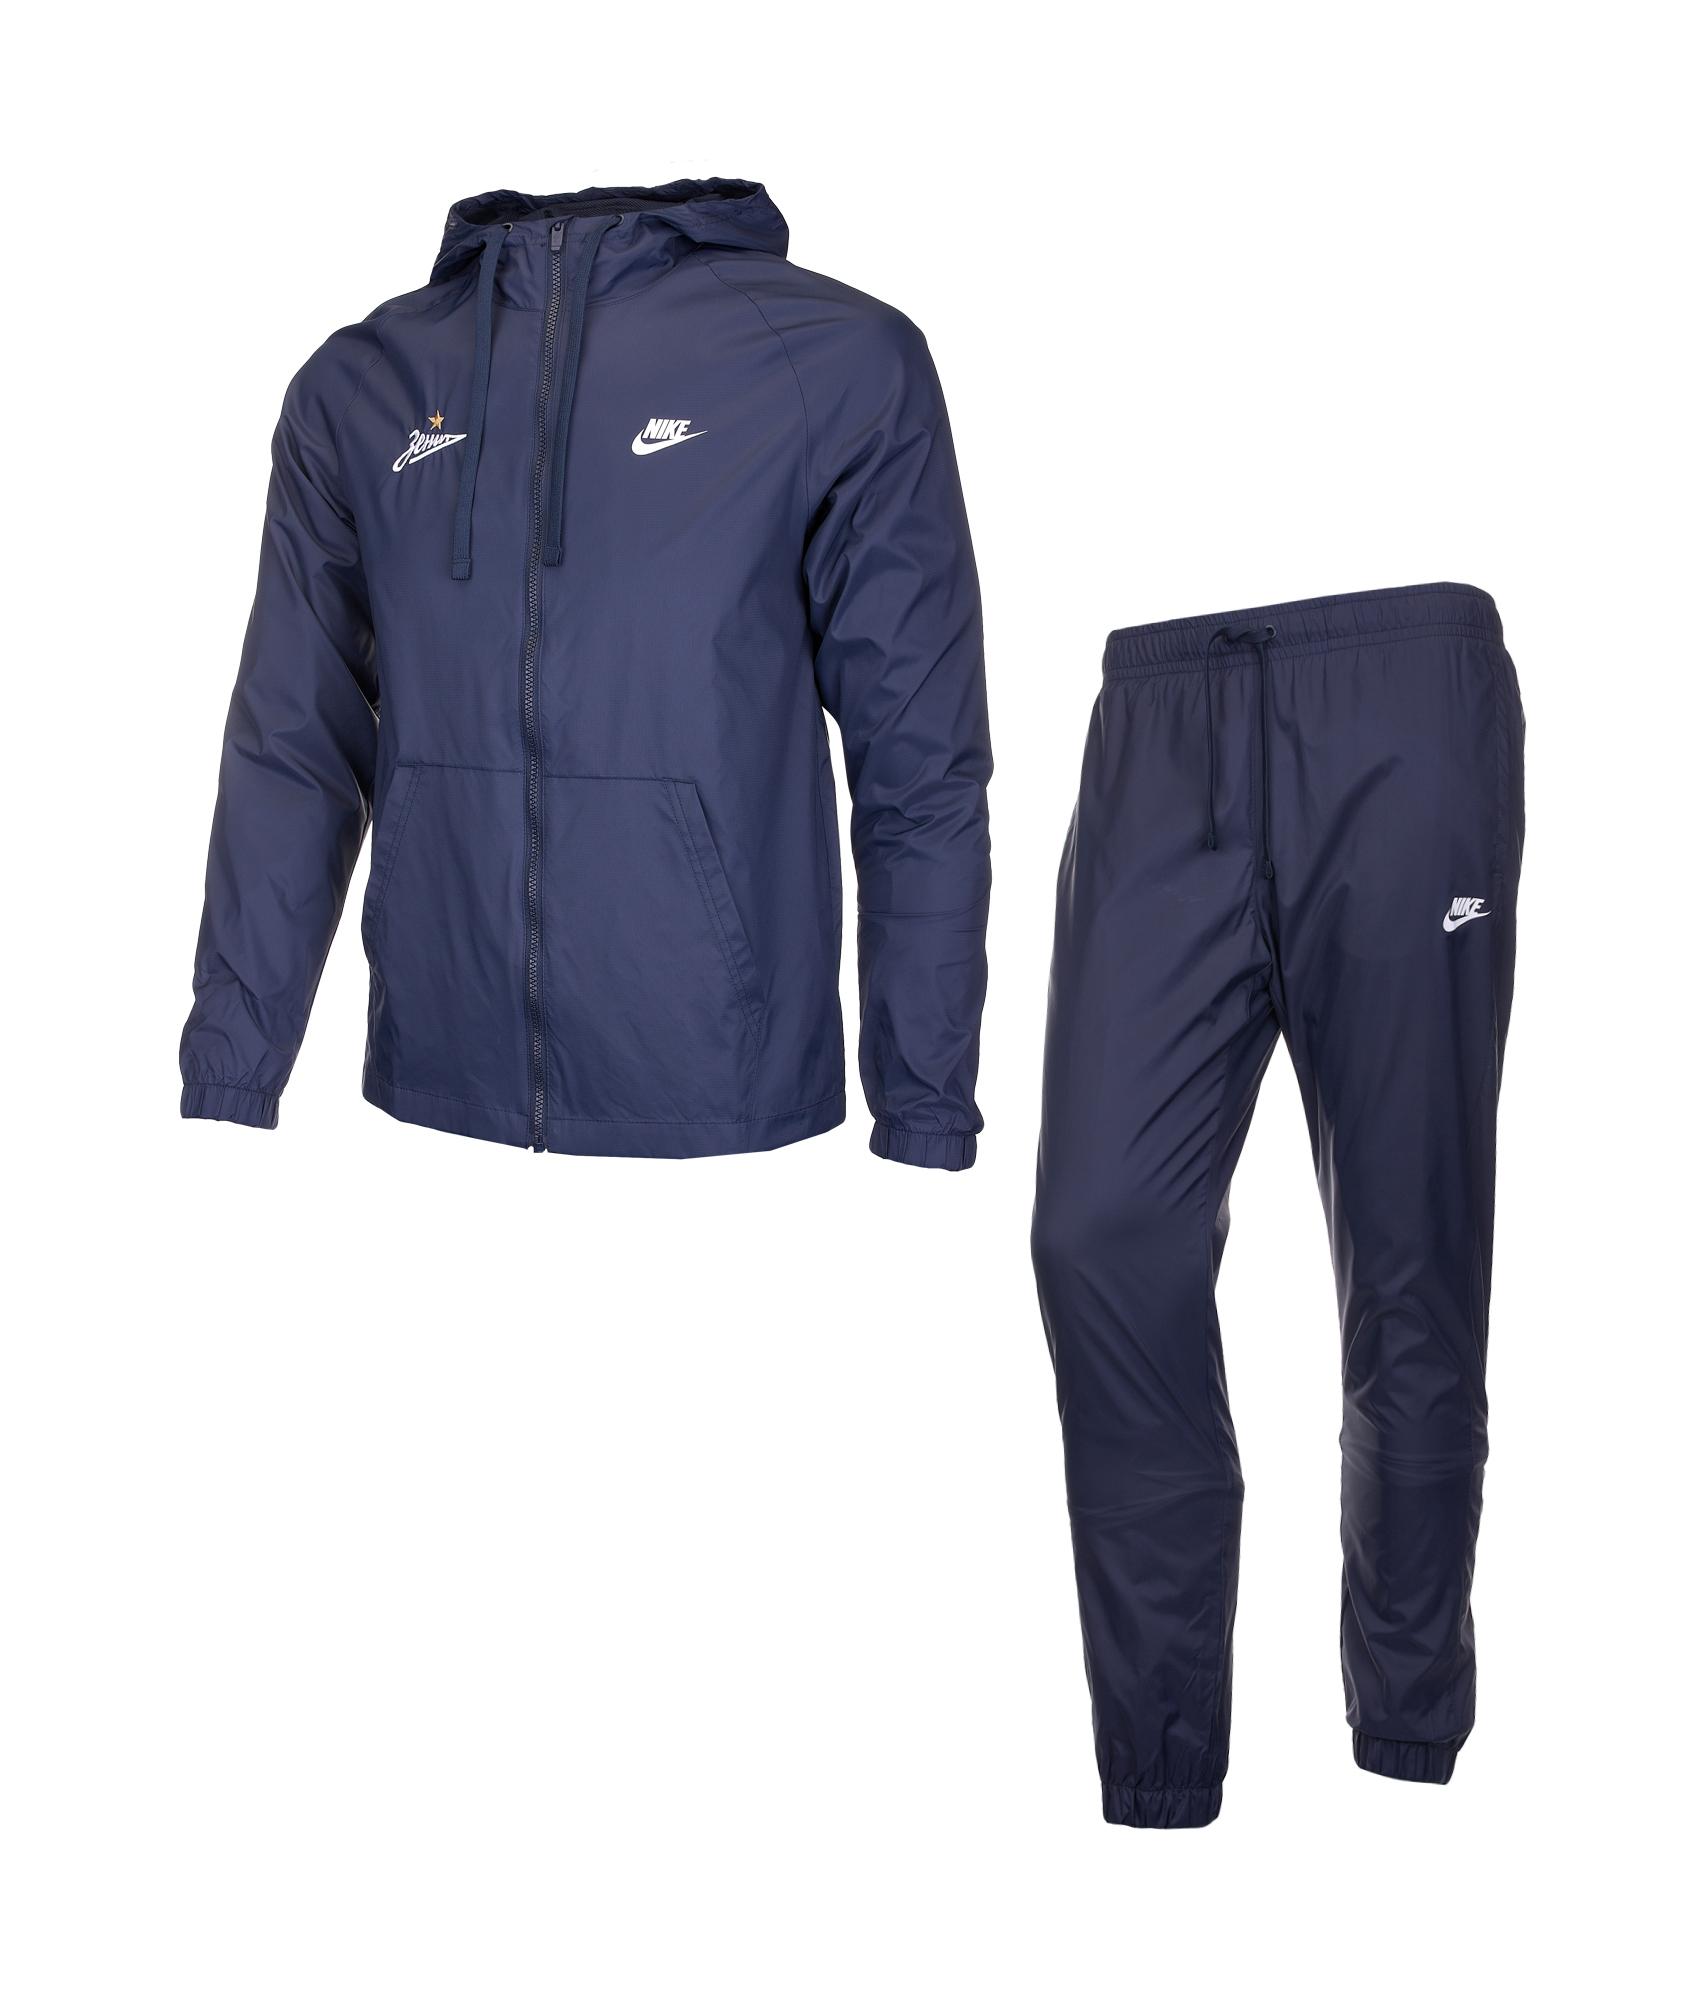 Спортивный костюм Nike Nike Цвет-Темно-Синий костюм спортивный nike squad 859281 010